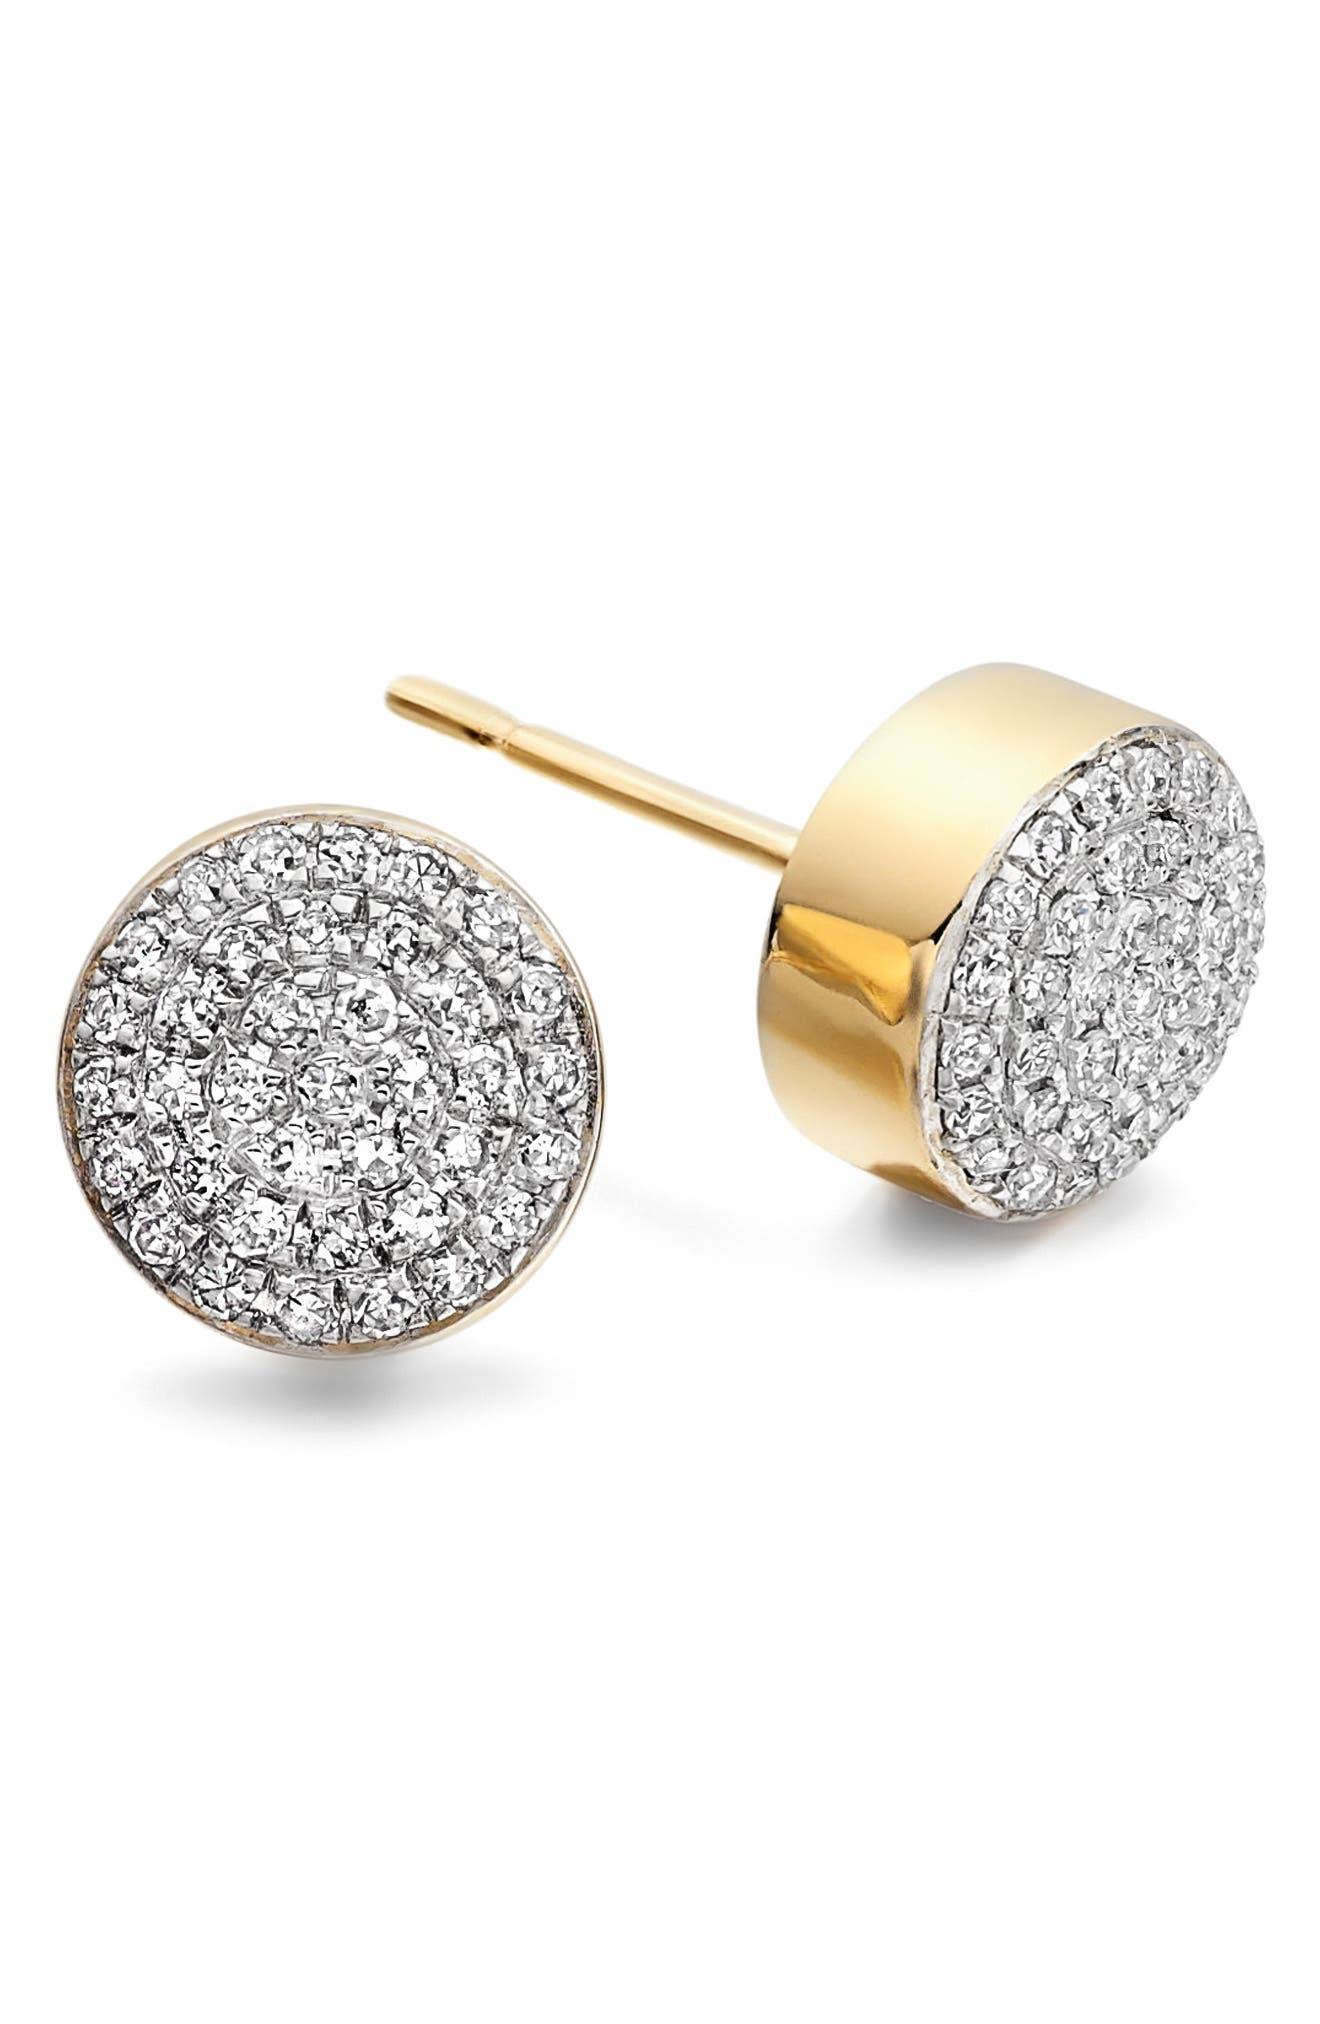 Alternate Image 1 Selected - Monica Vinader 'Ava' Diamond Button Stud Earrings